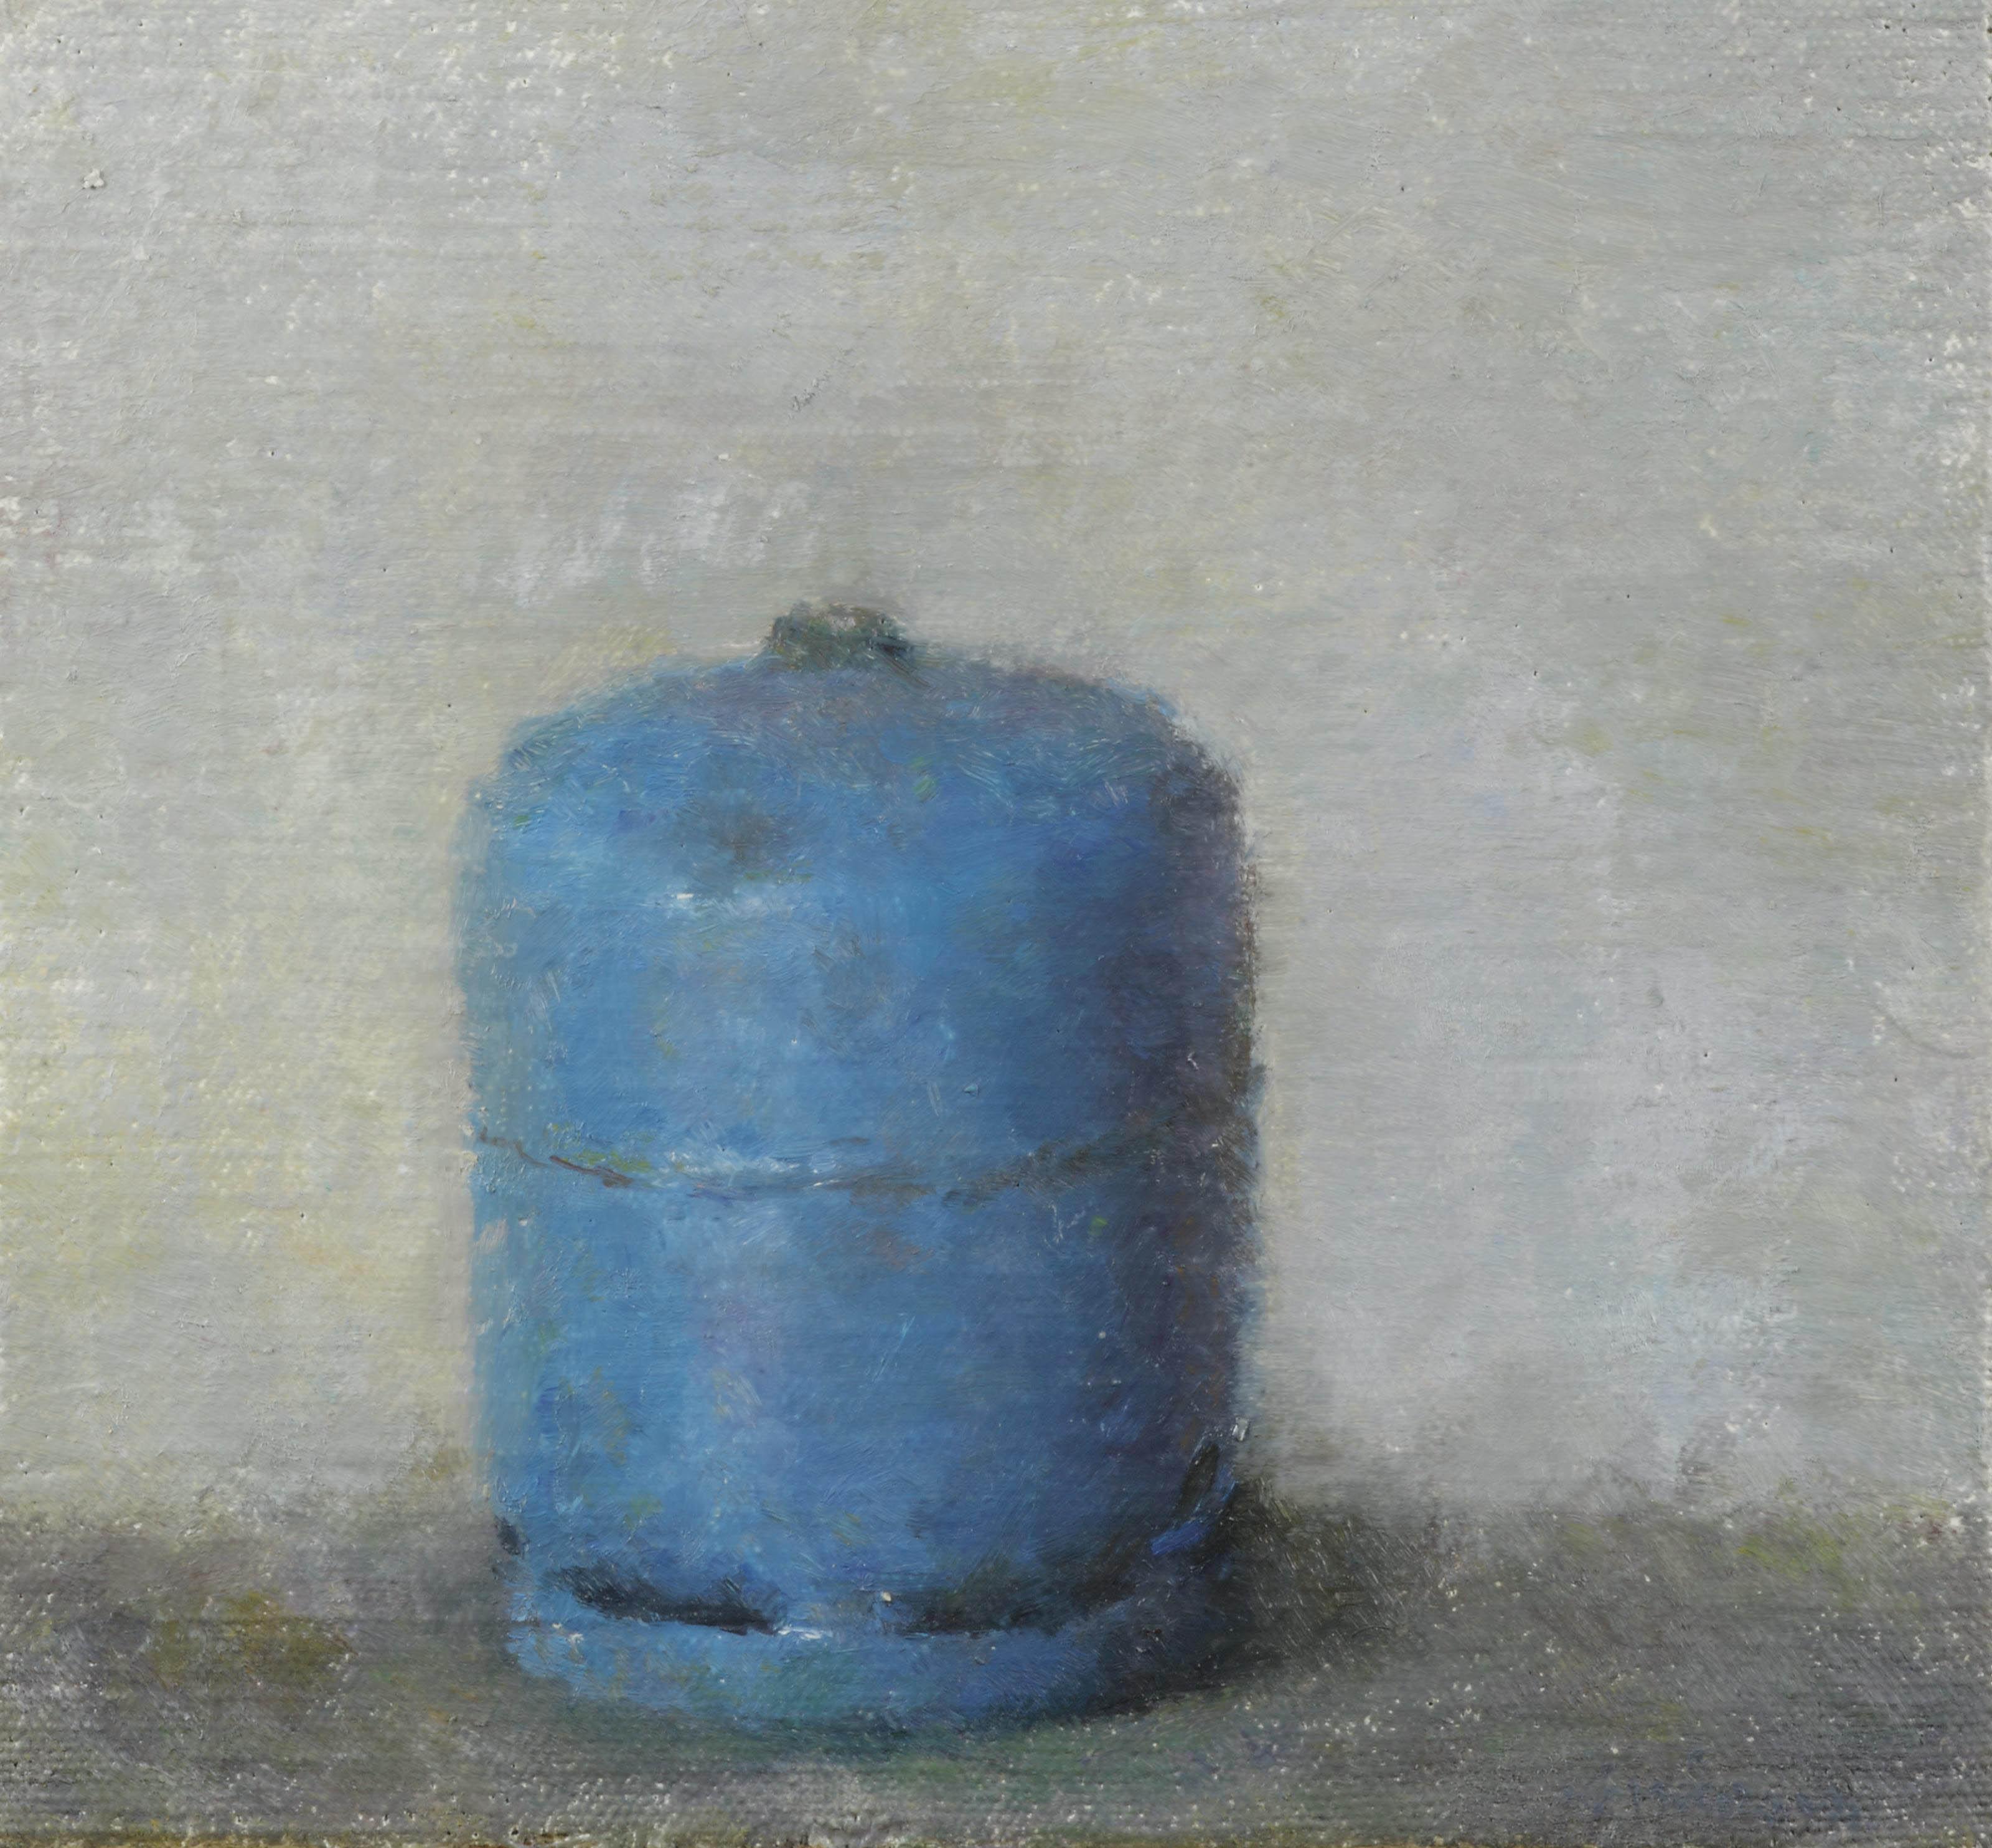 La bonbonne de gaz